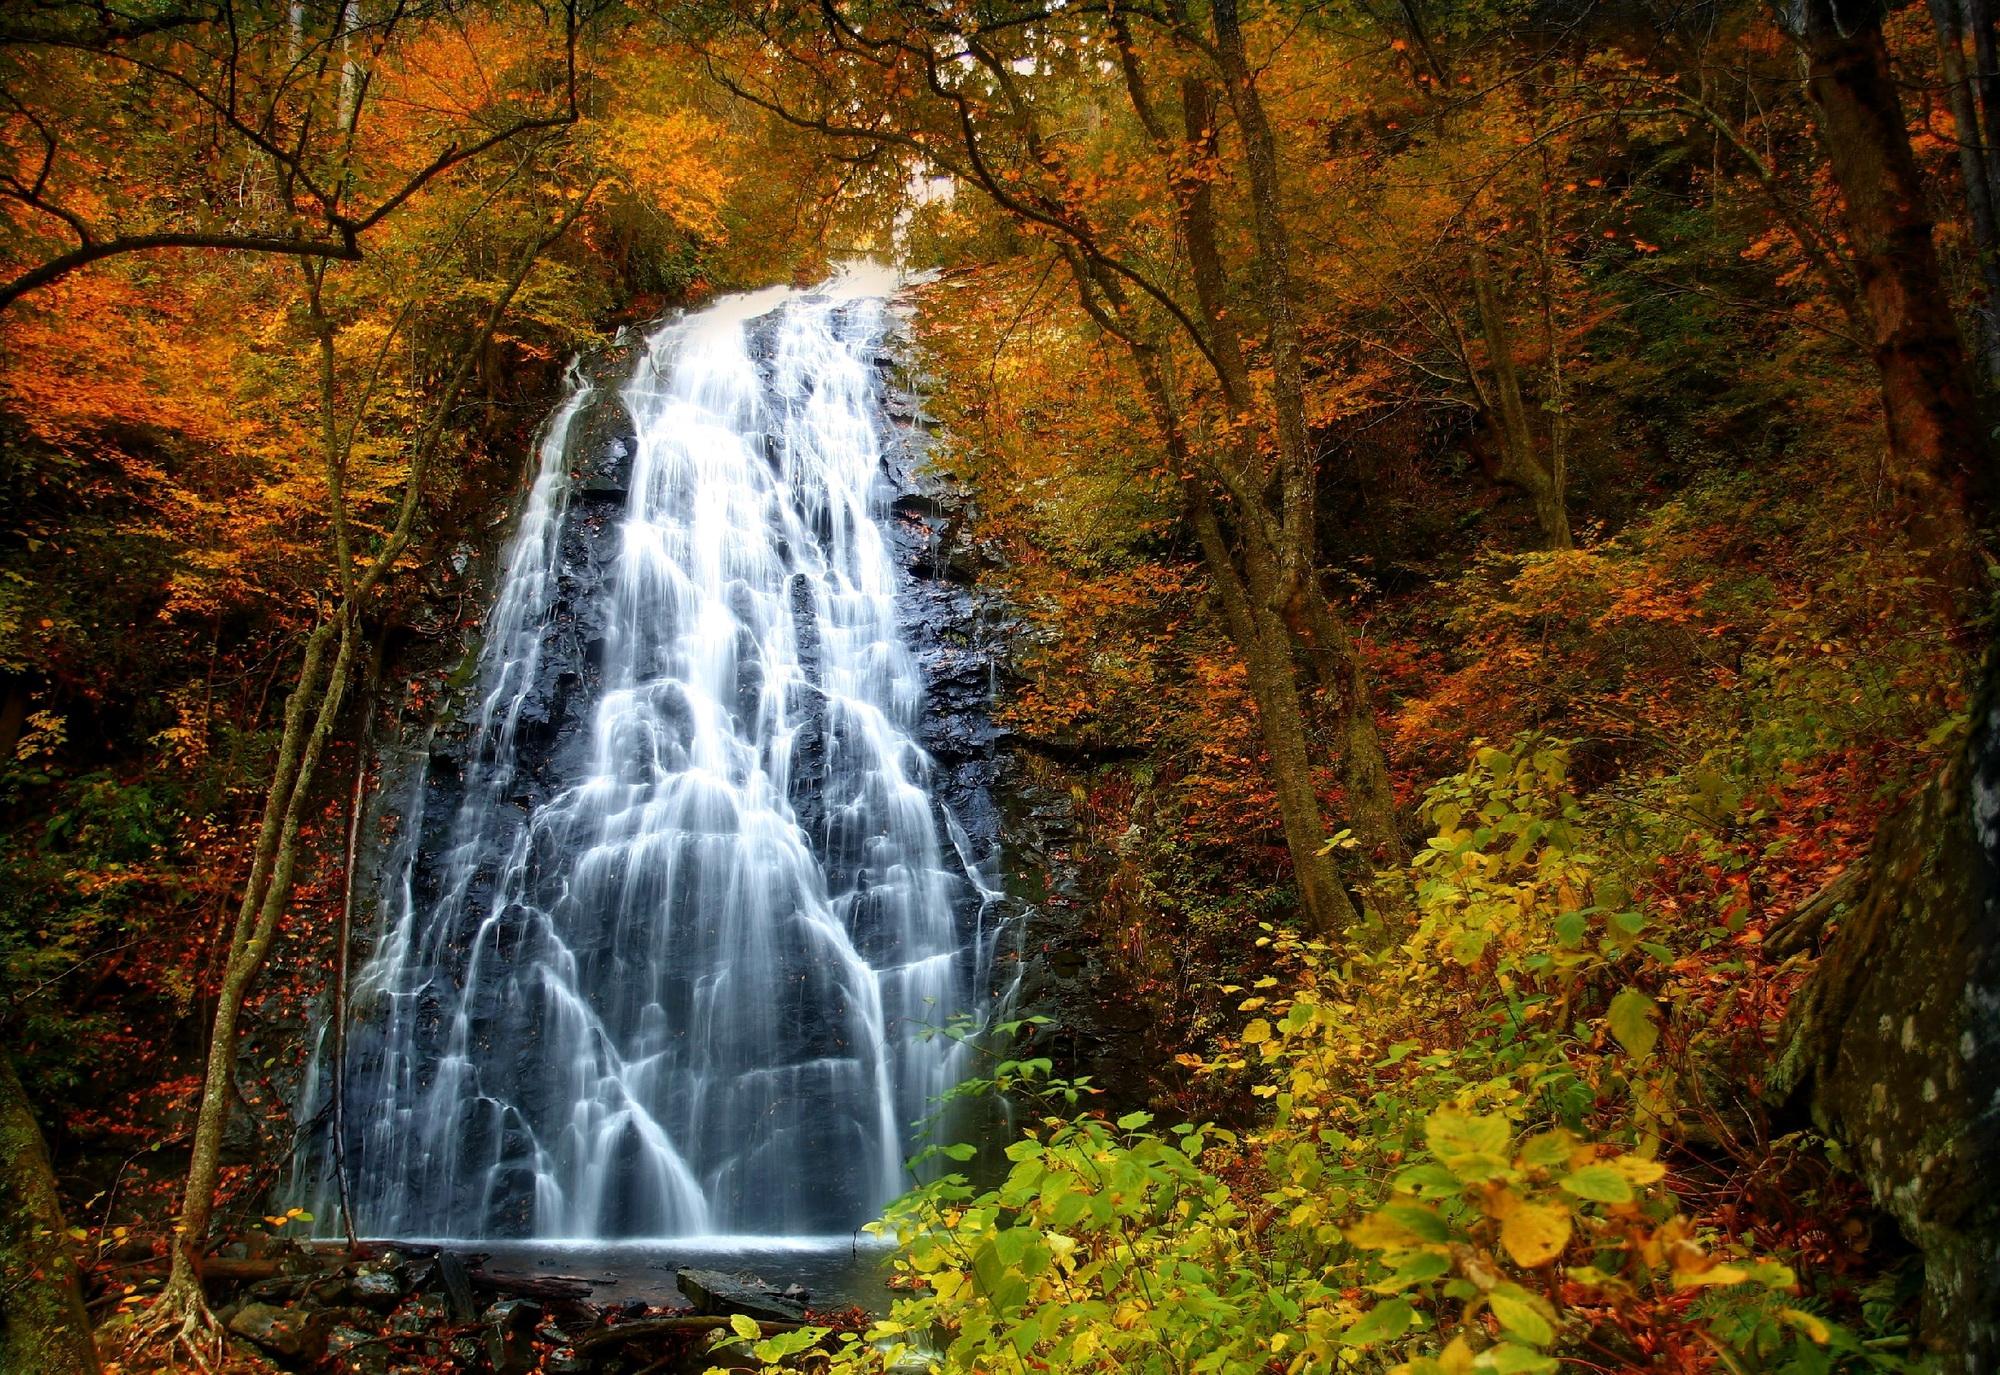 ознакомившись данной осенний водопад фото можете заказать